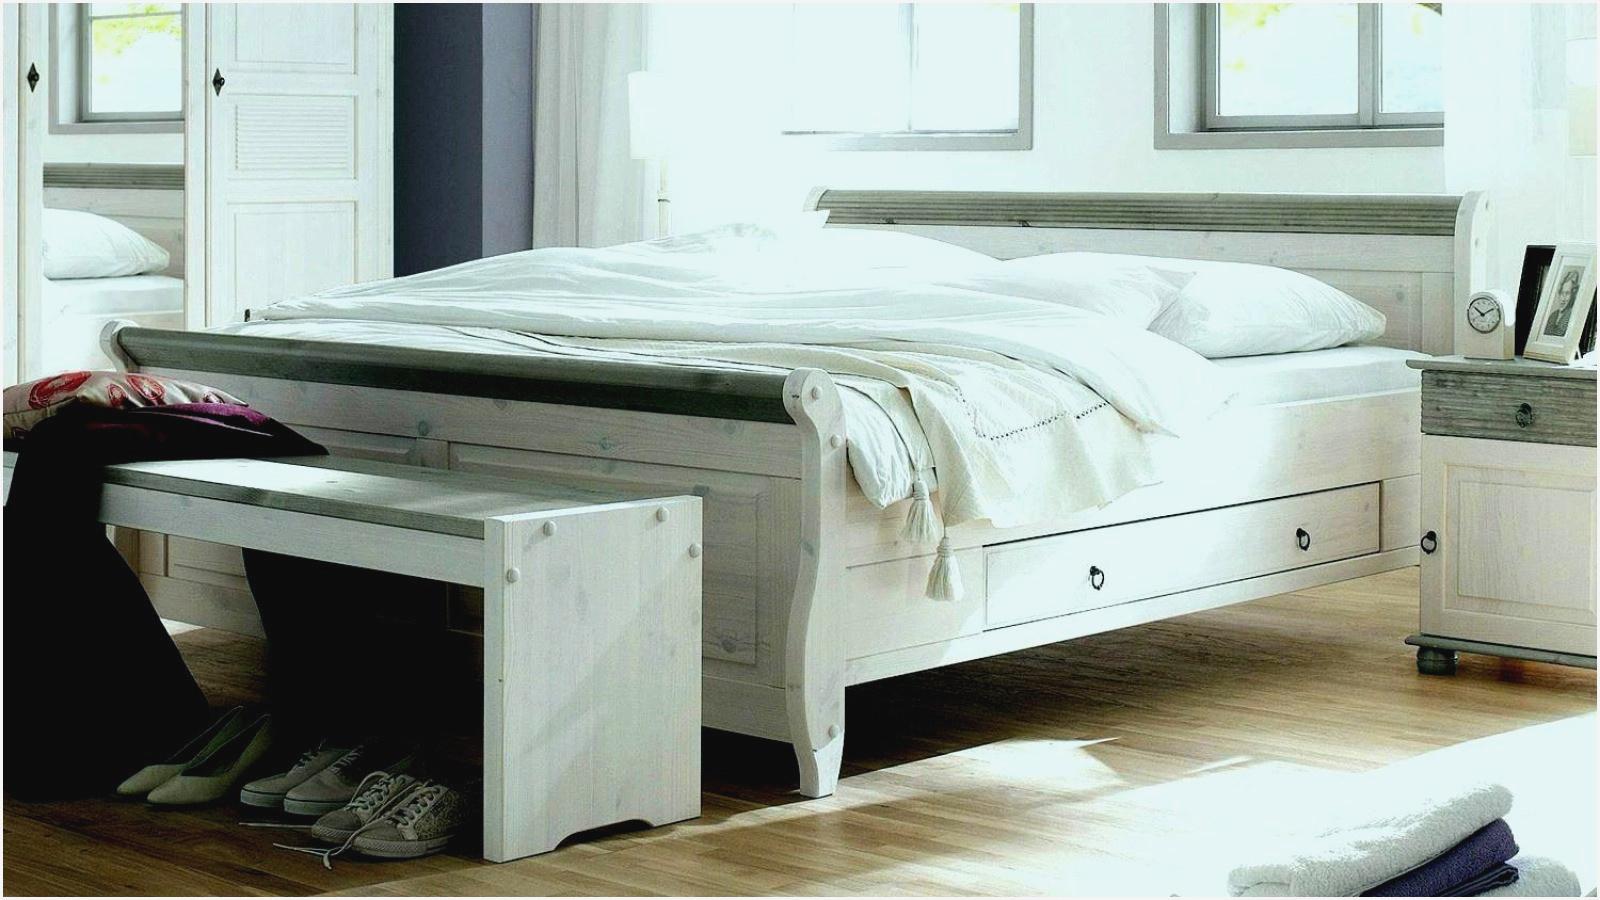 Full Size of Roller Schlafzimmer Teppich Wiemann Kommode Led Deckenleuchte Weiss Landhausstil Deckenleuchten Weißes Sessel Schranksysteme Komplett Mit Lattenrost Und Wohnzimmer Roller Schlafzimmer